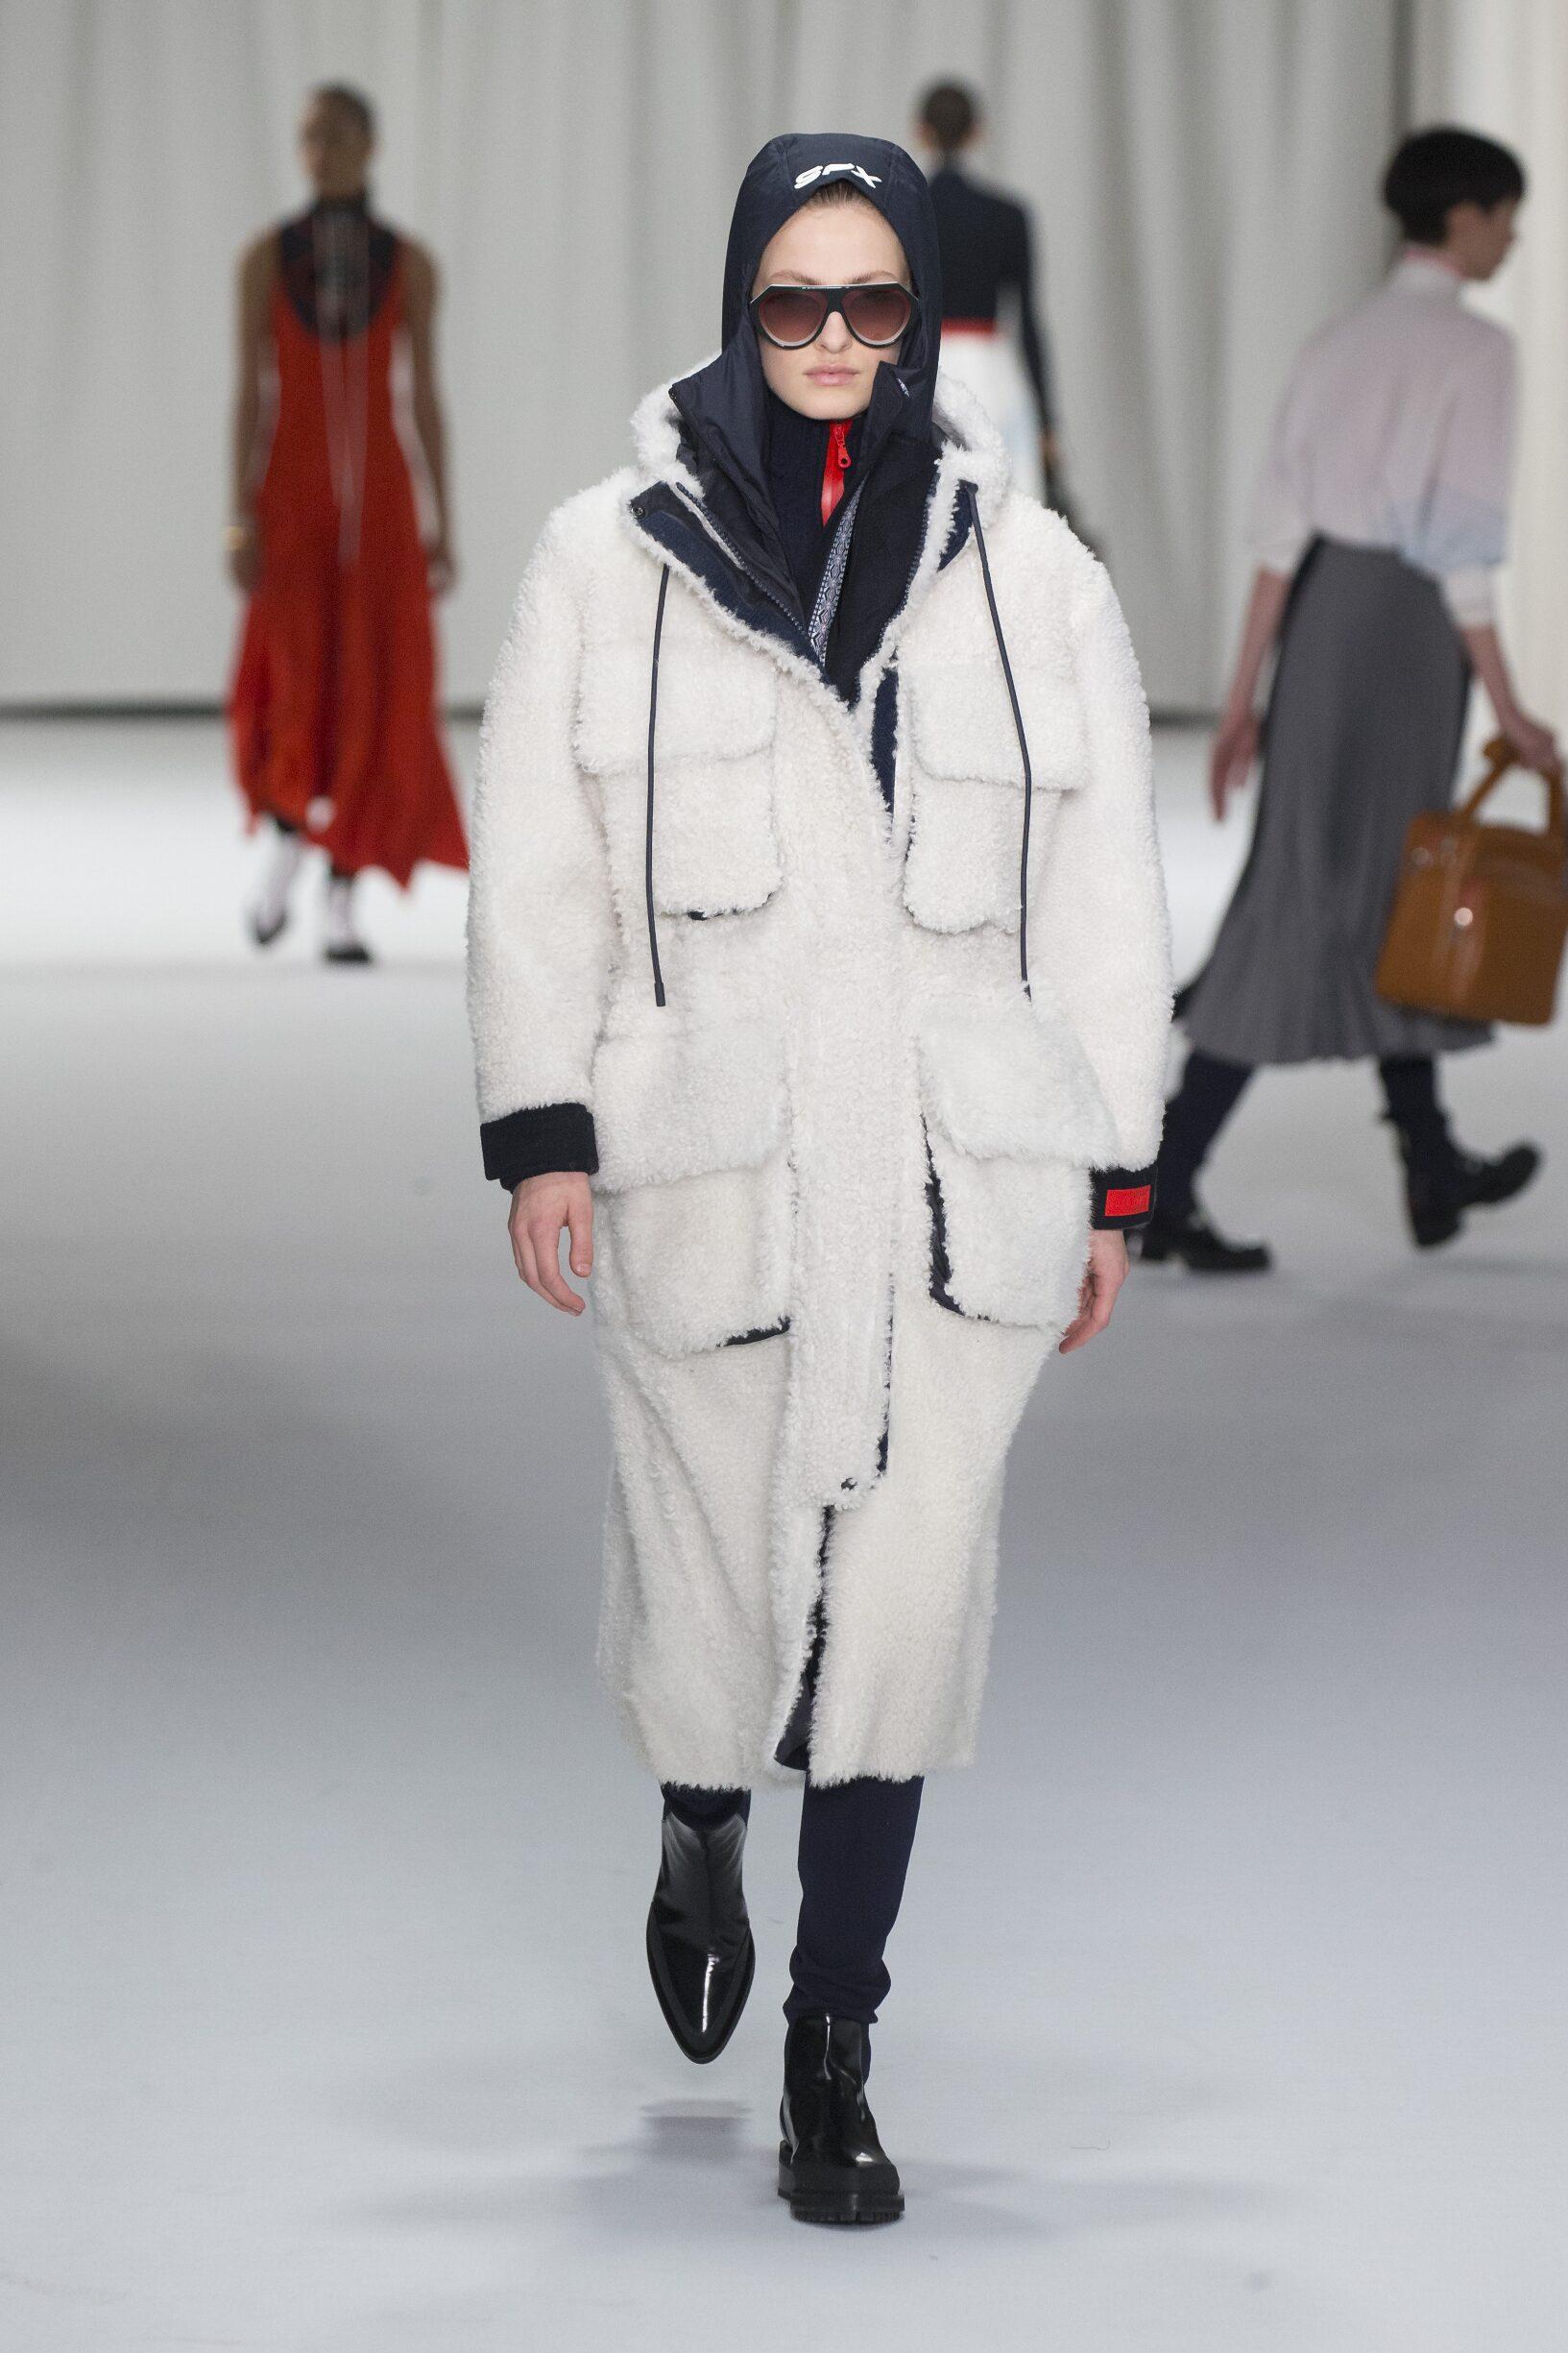 FW 2018-19 Sportmax Fashion Show Milan